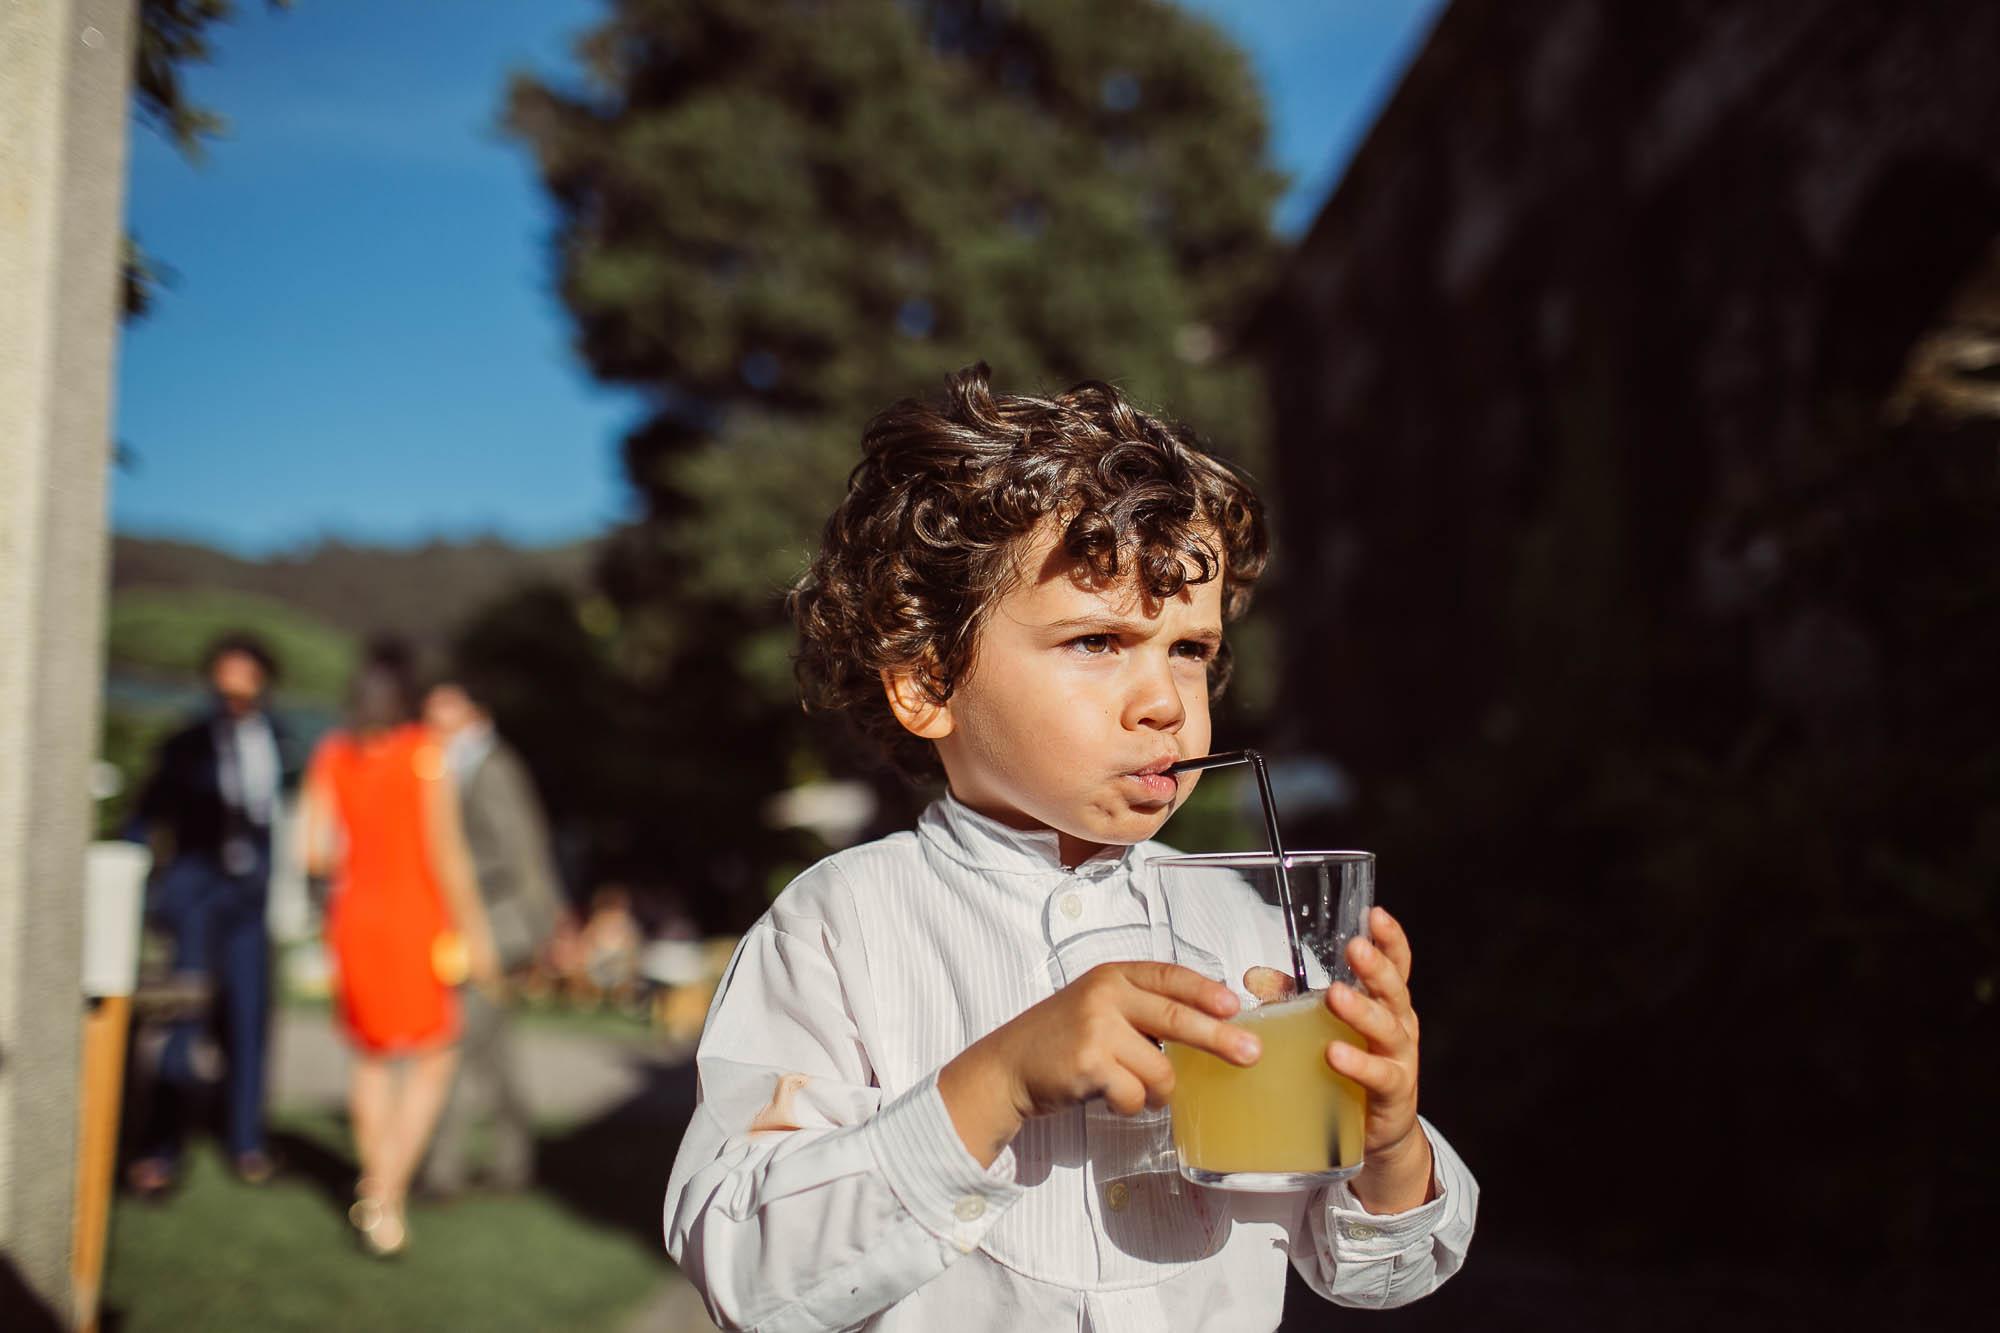 Uno niño con un vaso de zumo bebiendo con una cañita